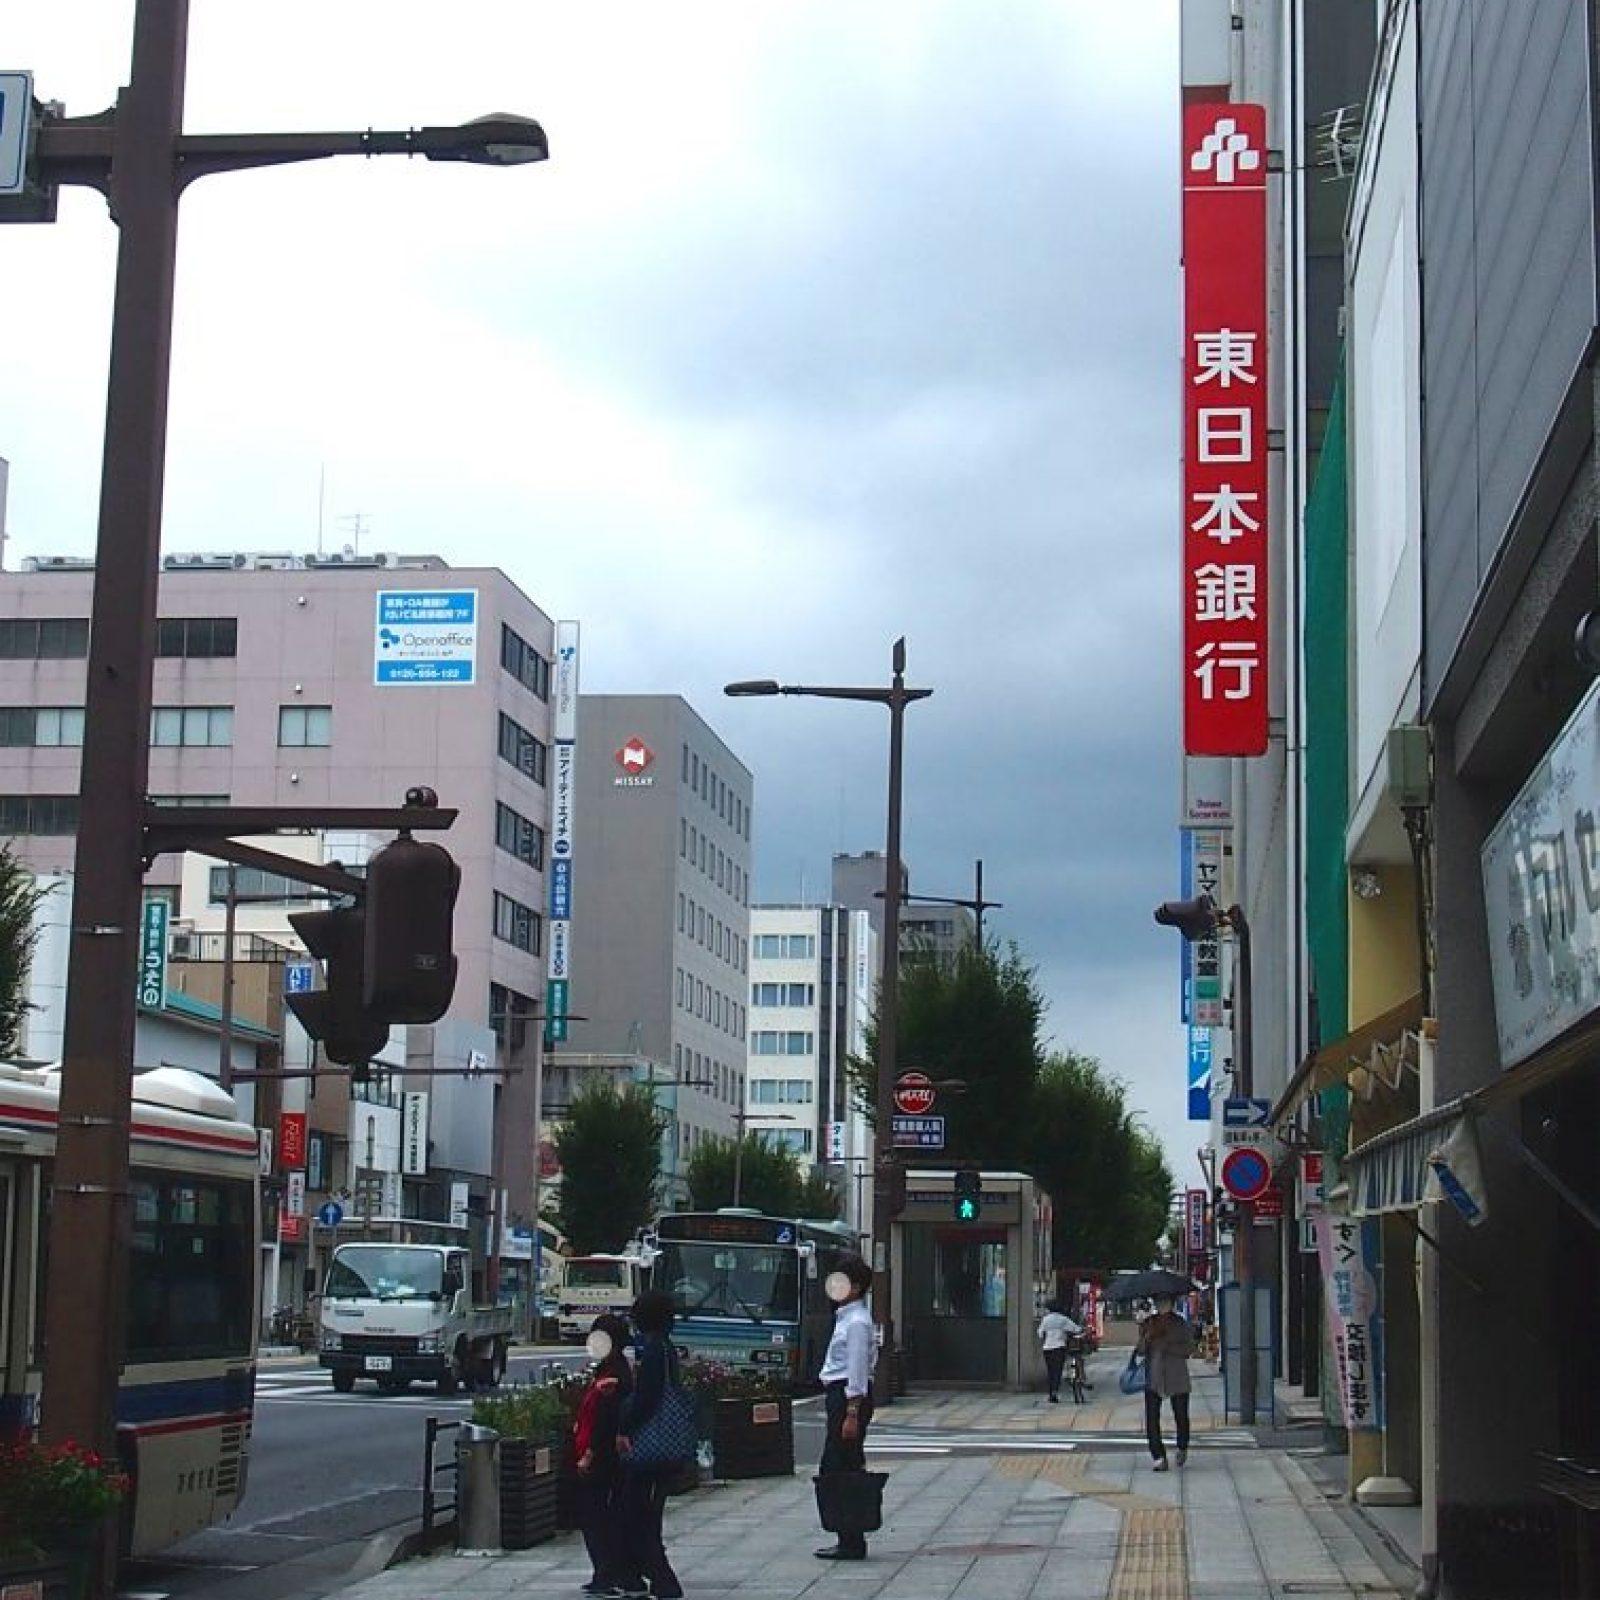 水戸駅北口より真っすぐ徒歩15分程 歩くと東日本銀行の看板が見えます。 この信号を右に曲がります。